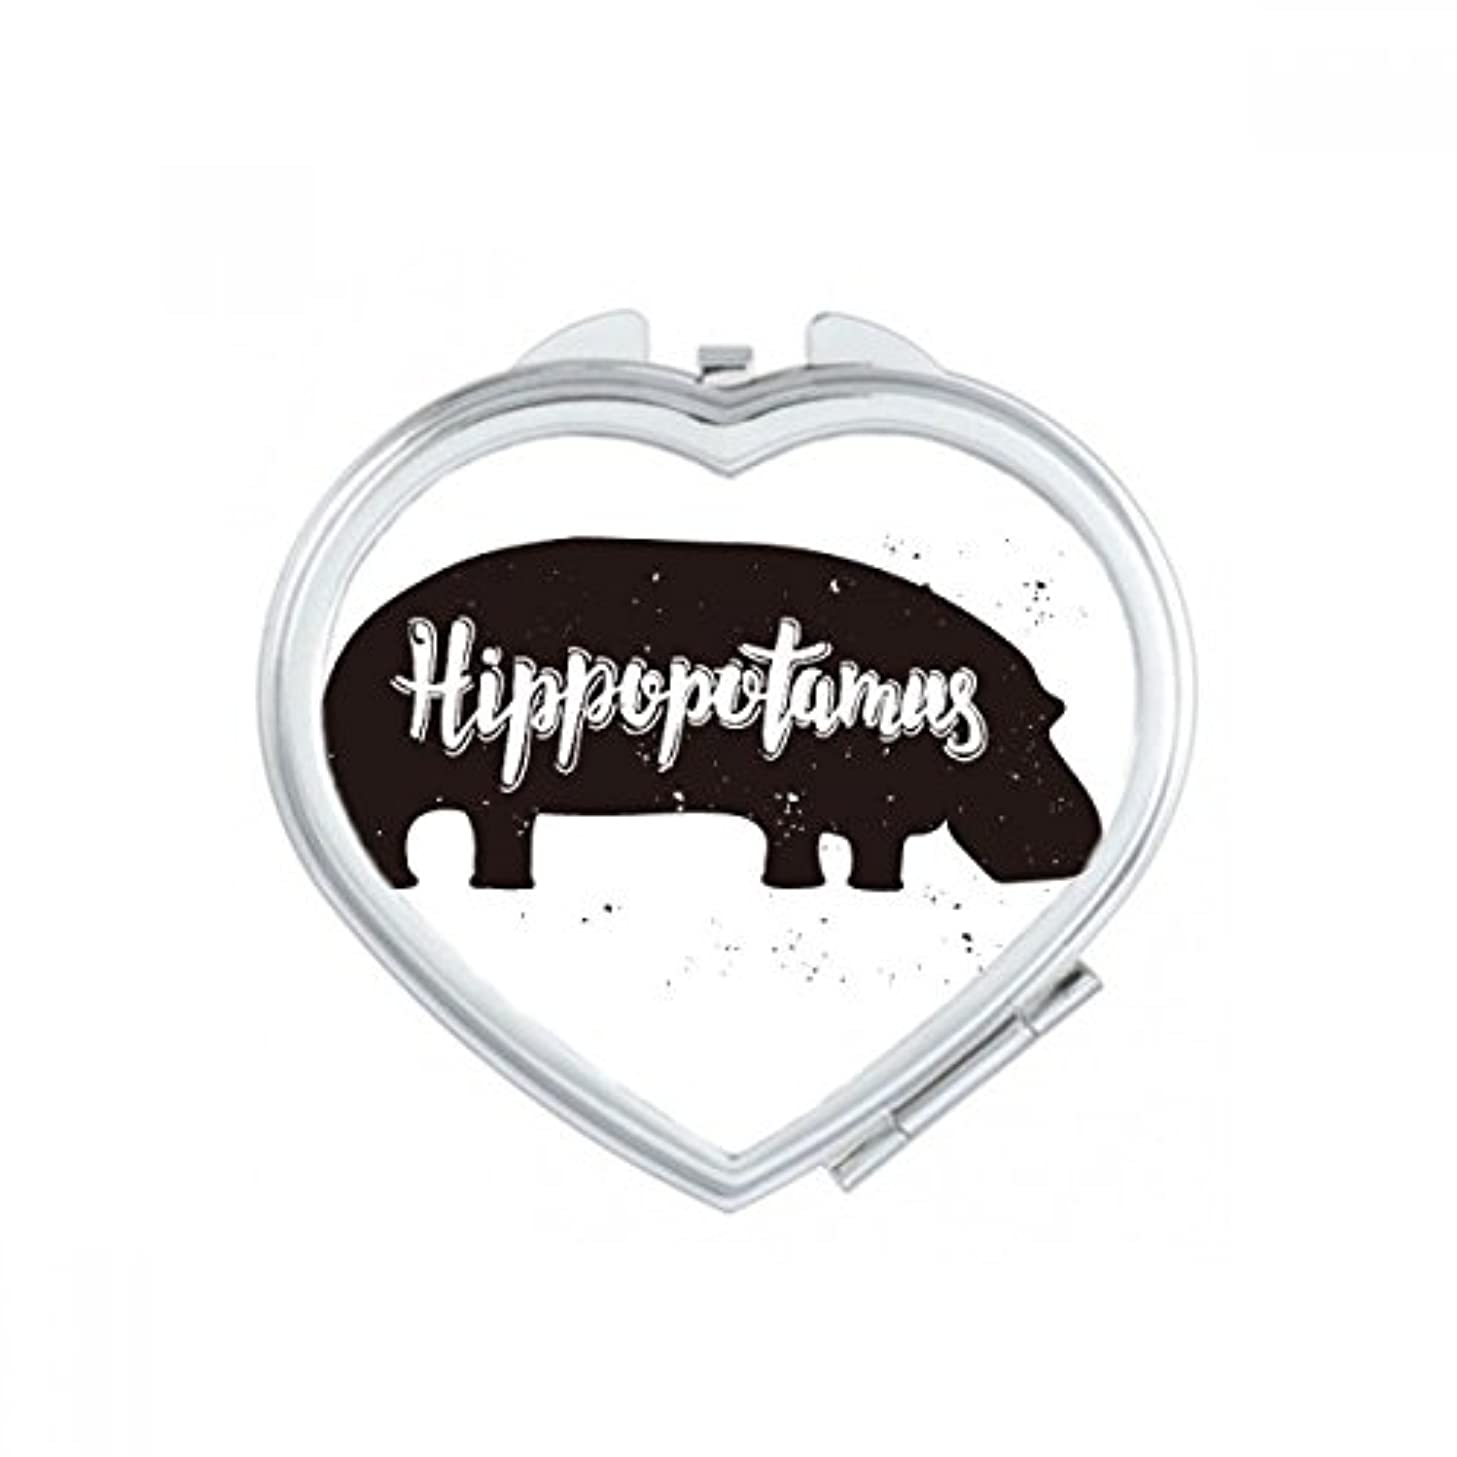 ポーチまっすぐにするくさびカバの黒と白のシャドー動物スケッチ ハートコンパクト化粧ポケットミラー携帯用の小さなかわいいハンドミラープレゼント